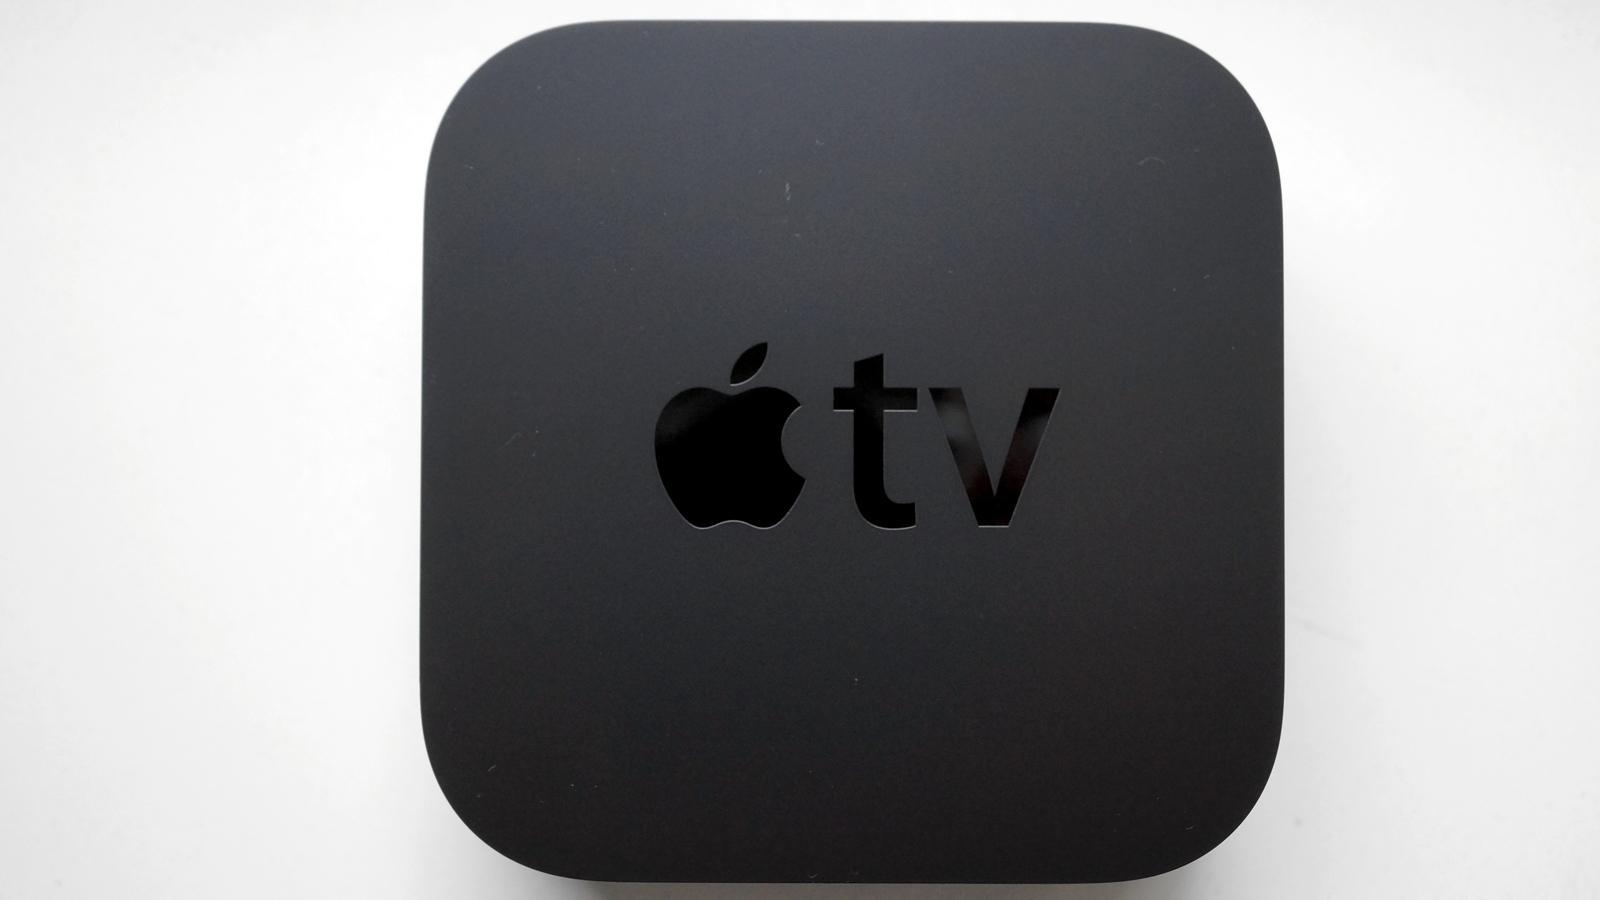 Fire-TV-Manager von Amazon wechselt zu Apple